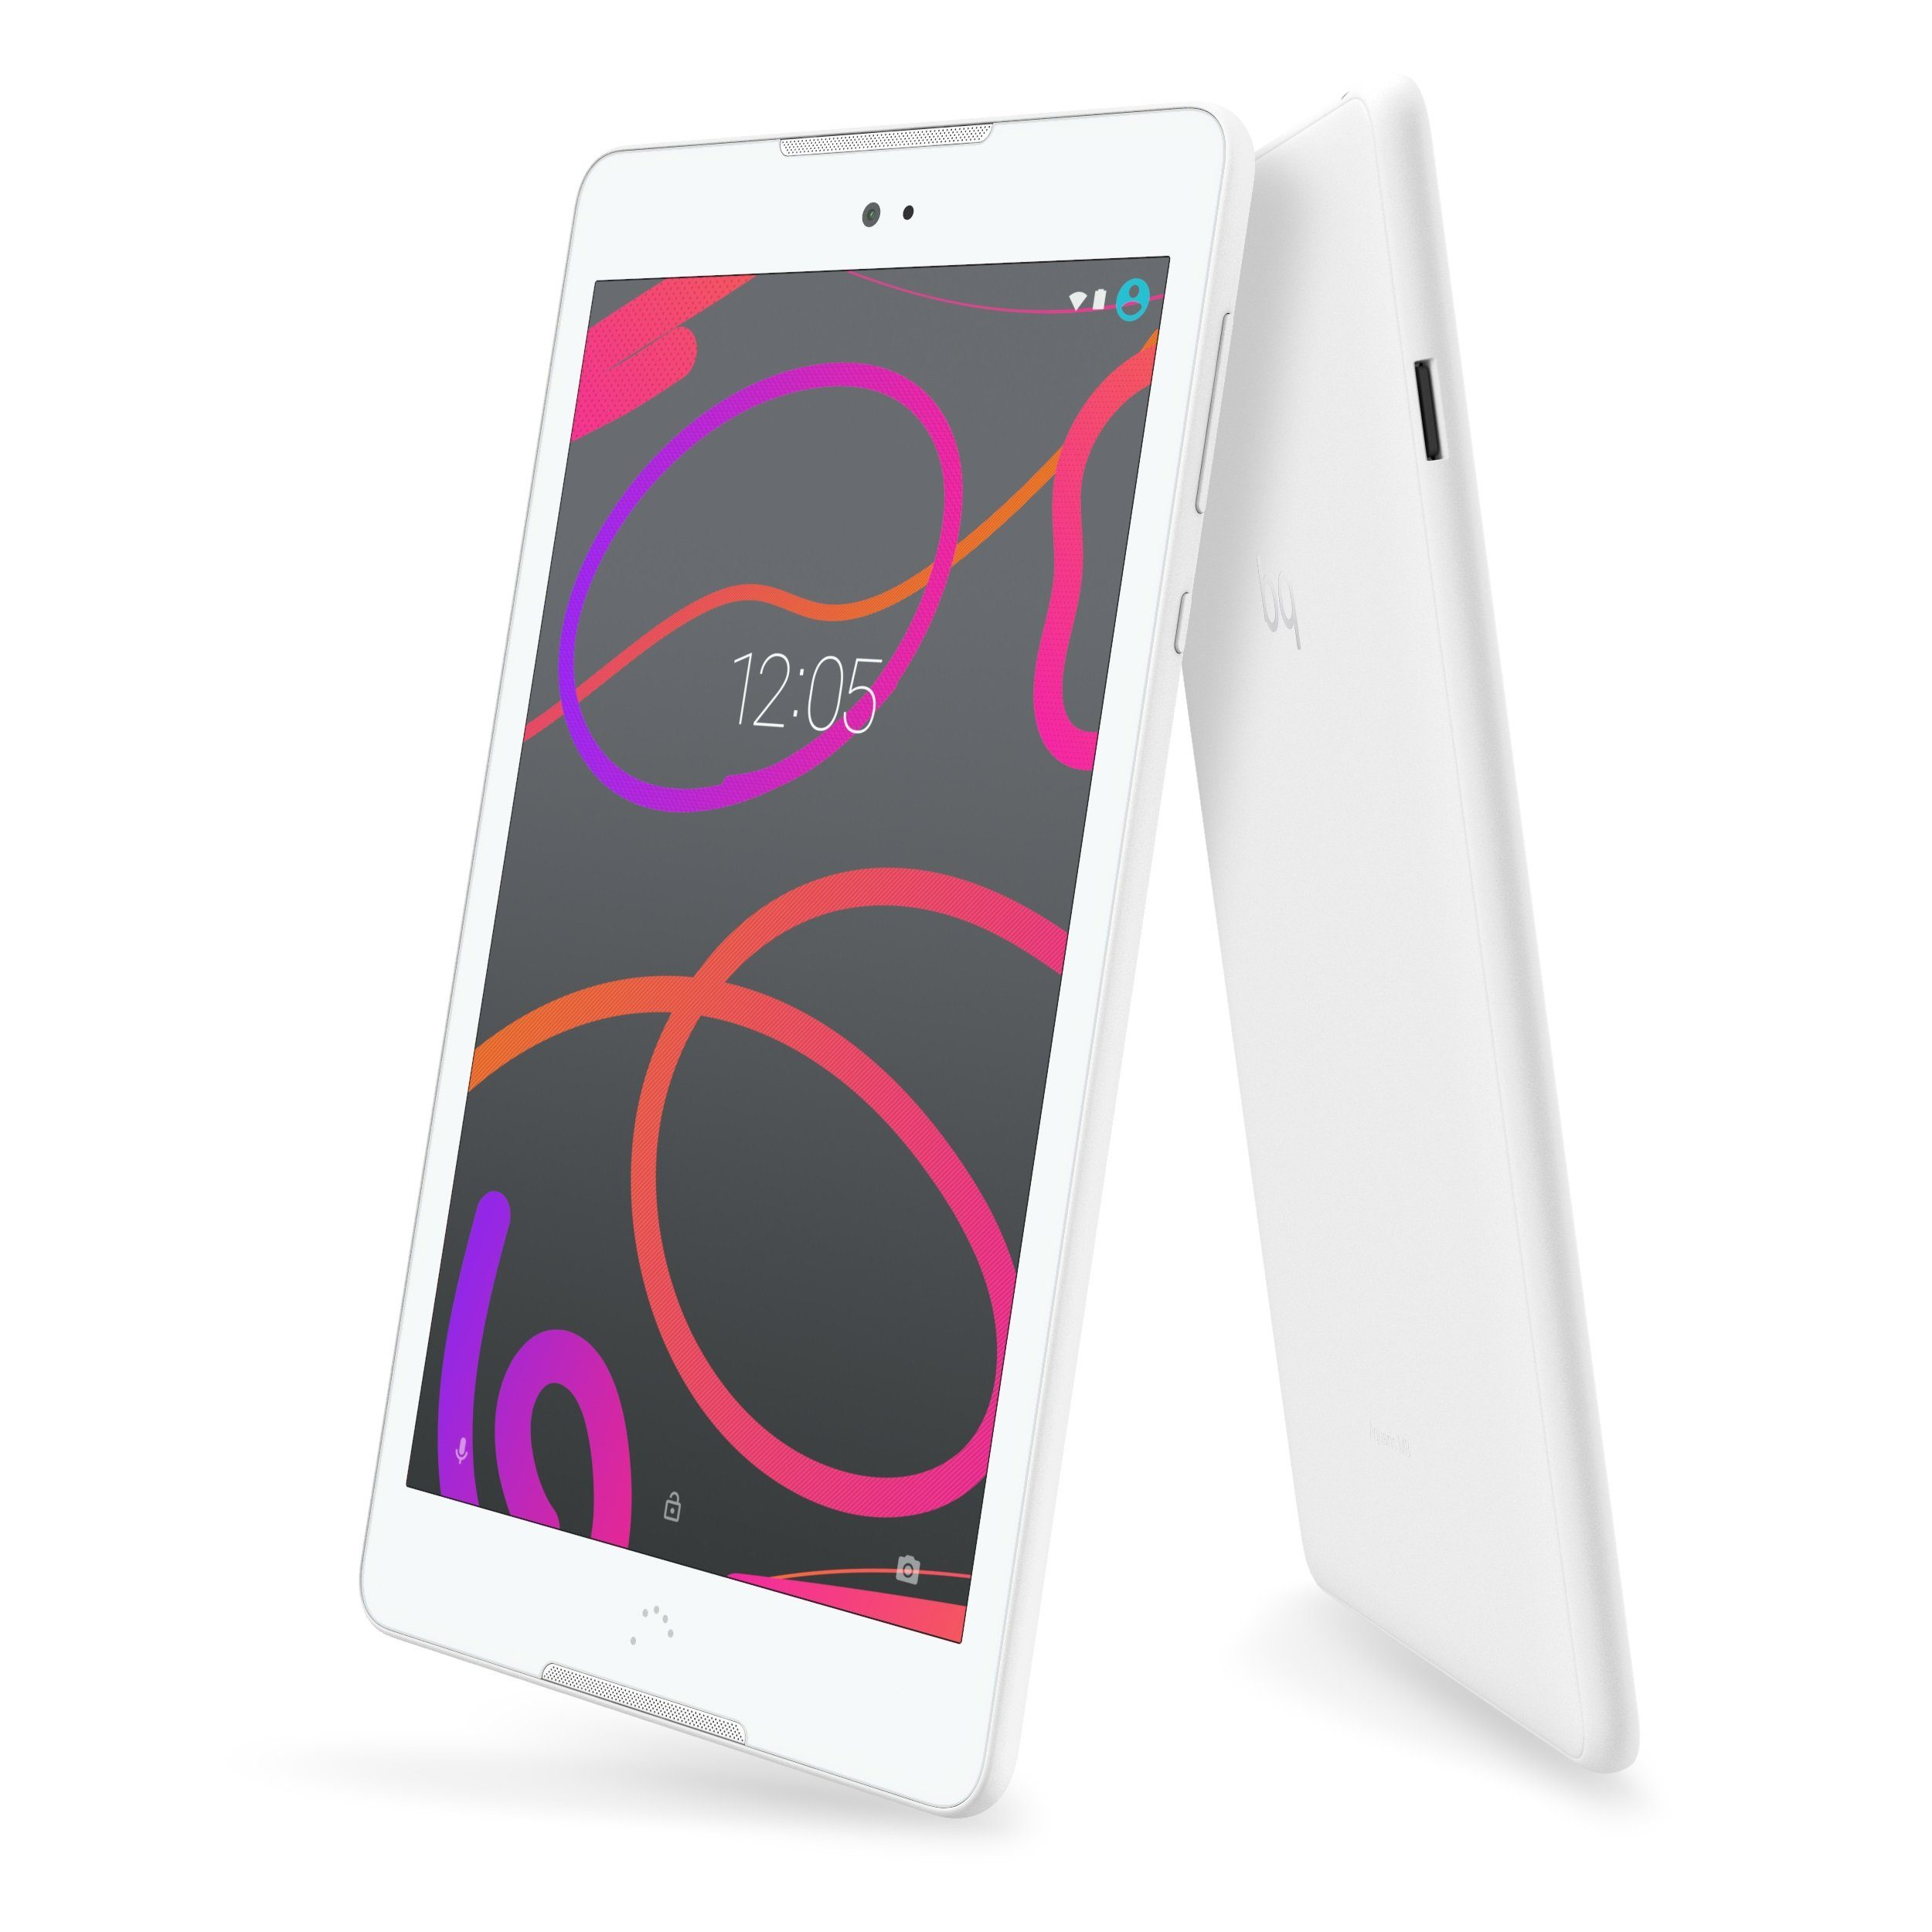 bq Tablet mit Android 6.0.1 (Marshmallow) »Aquaris M8 WiFi (16+2GB)«